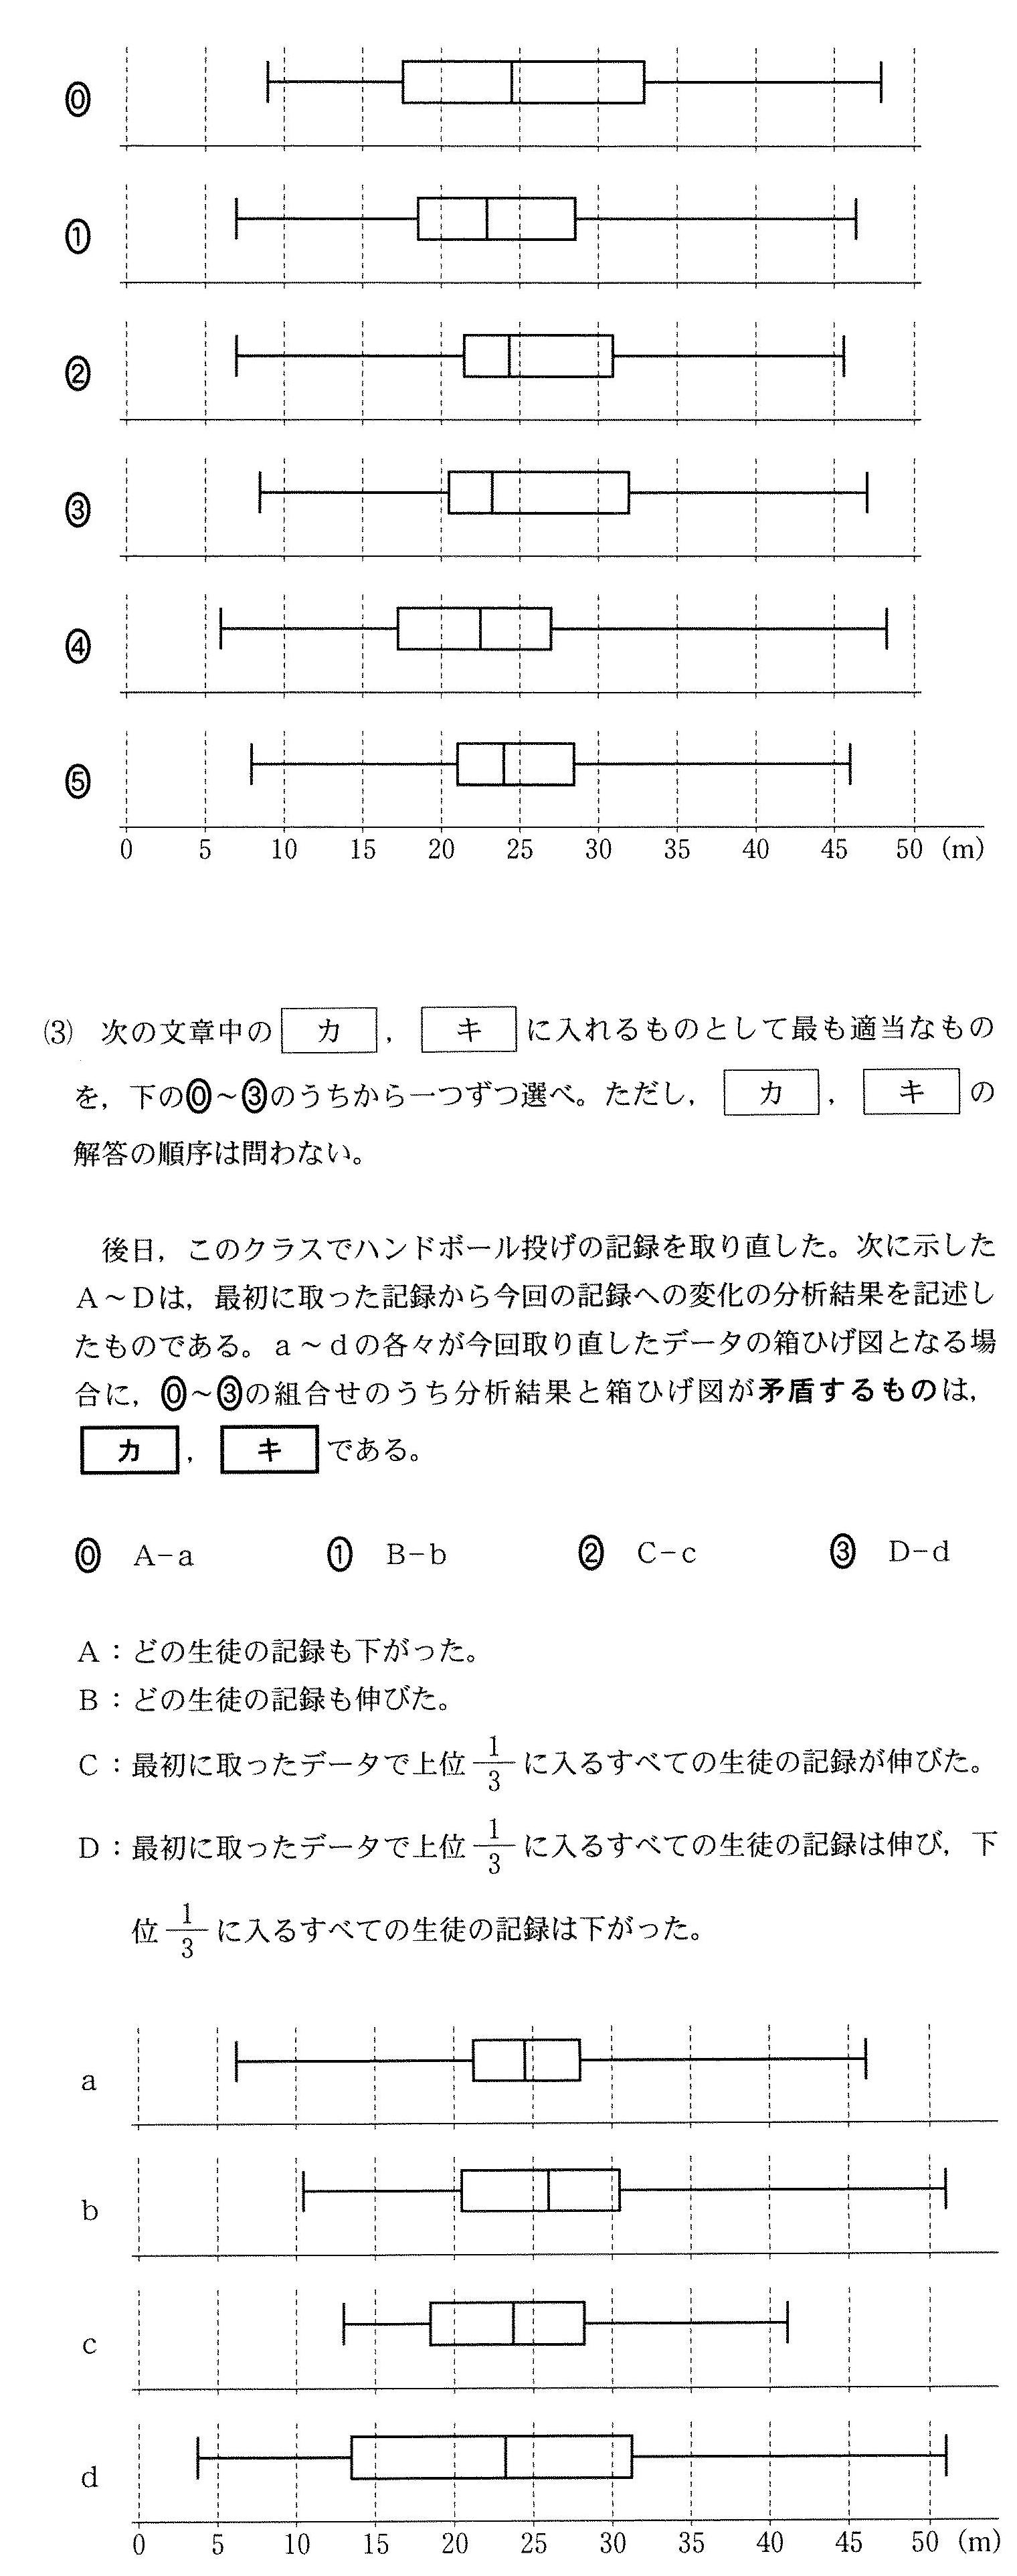 問題1A3-1-2